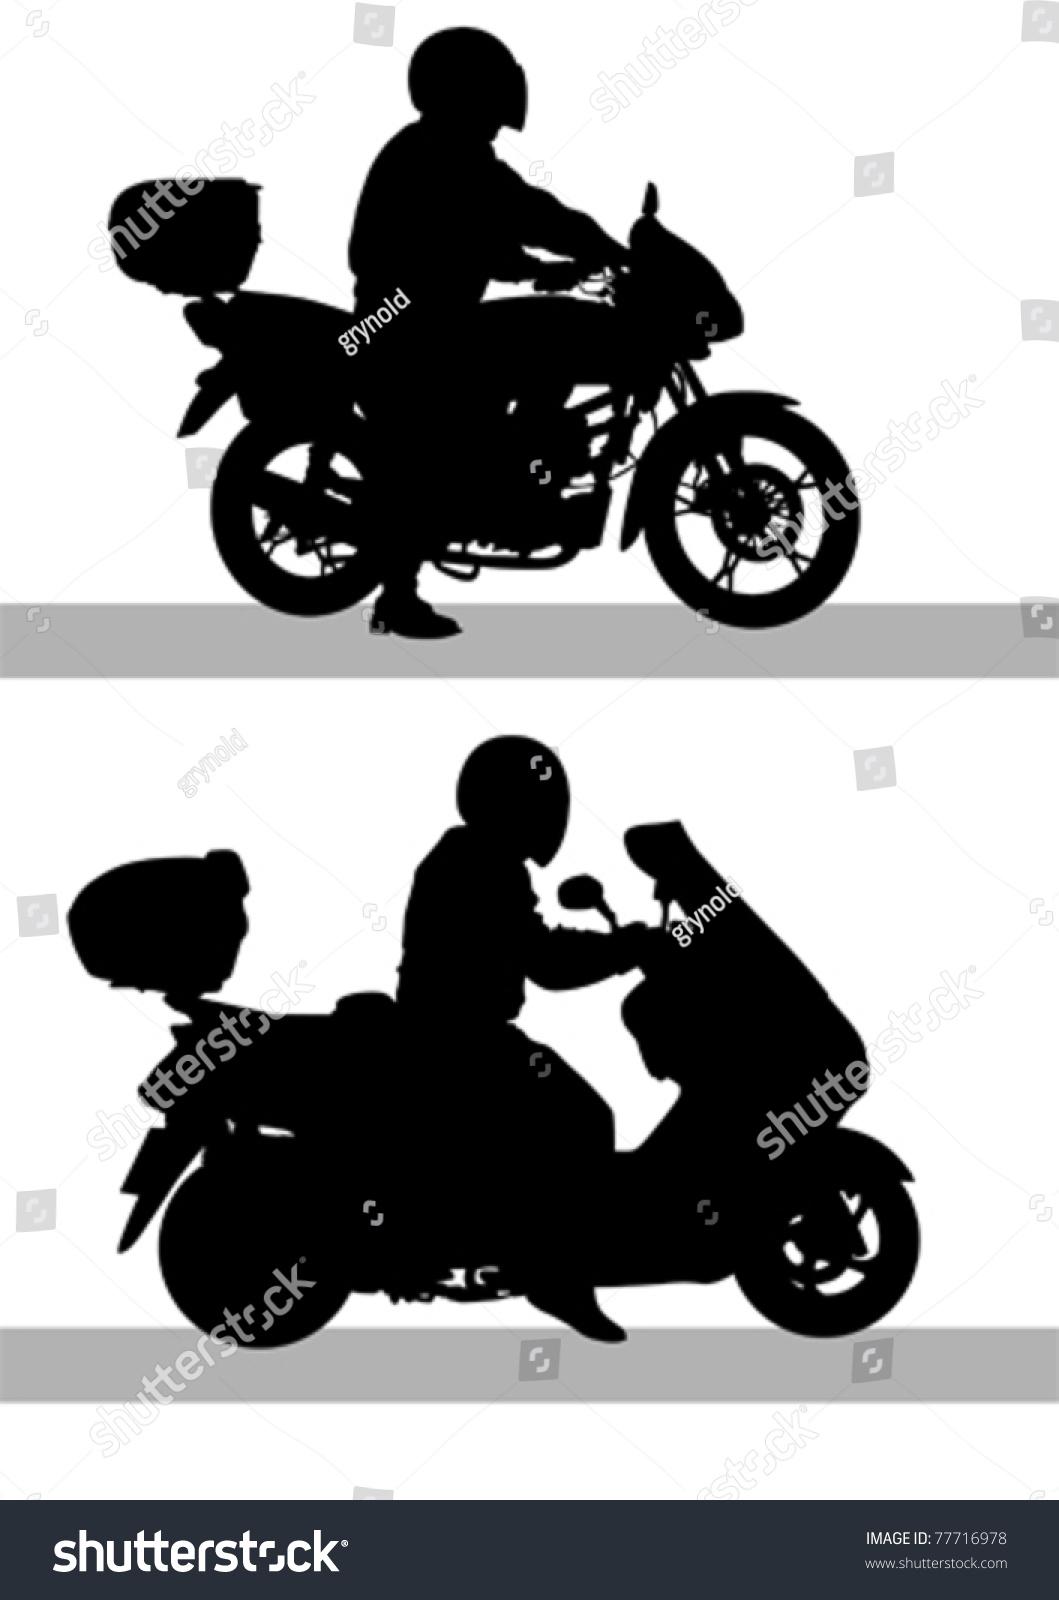 矢量图摩托车道路-运动/娱乐活动